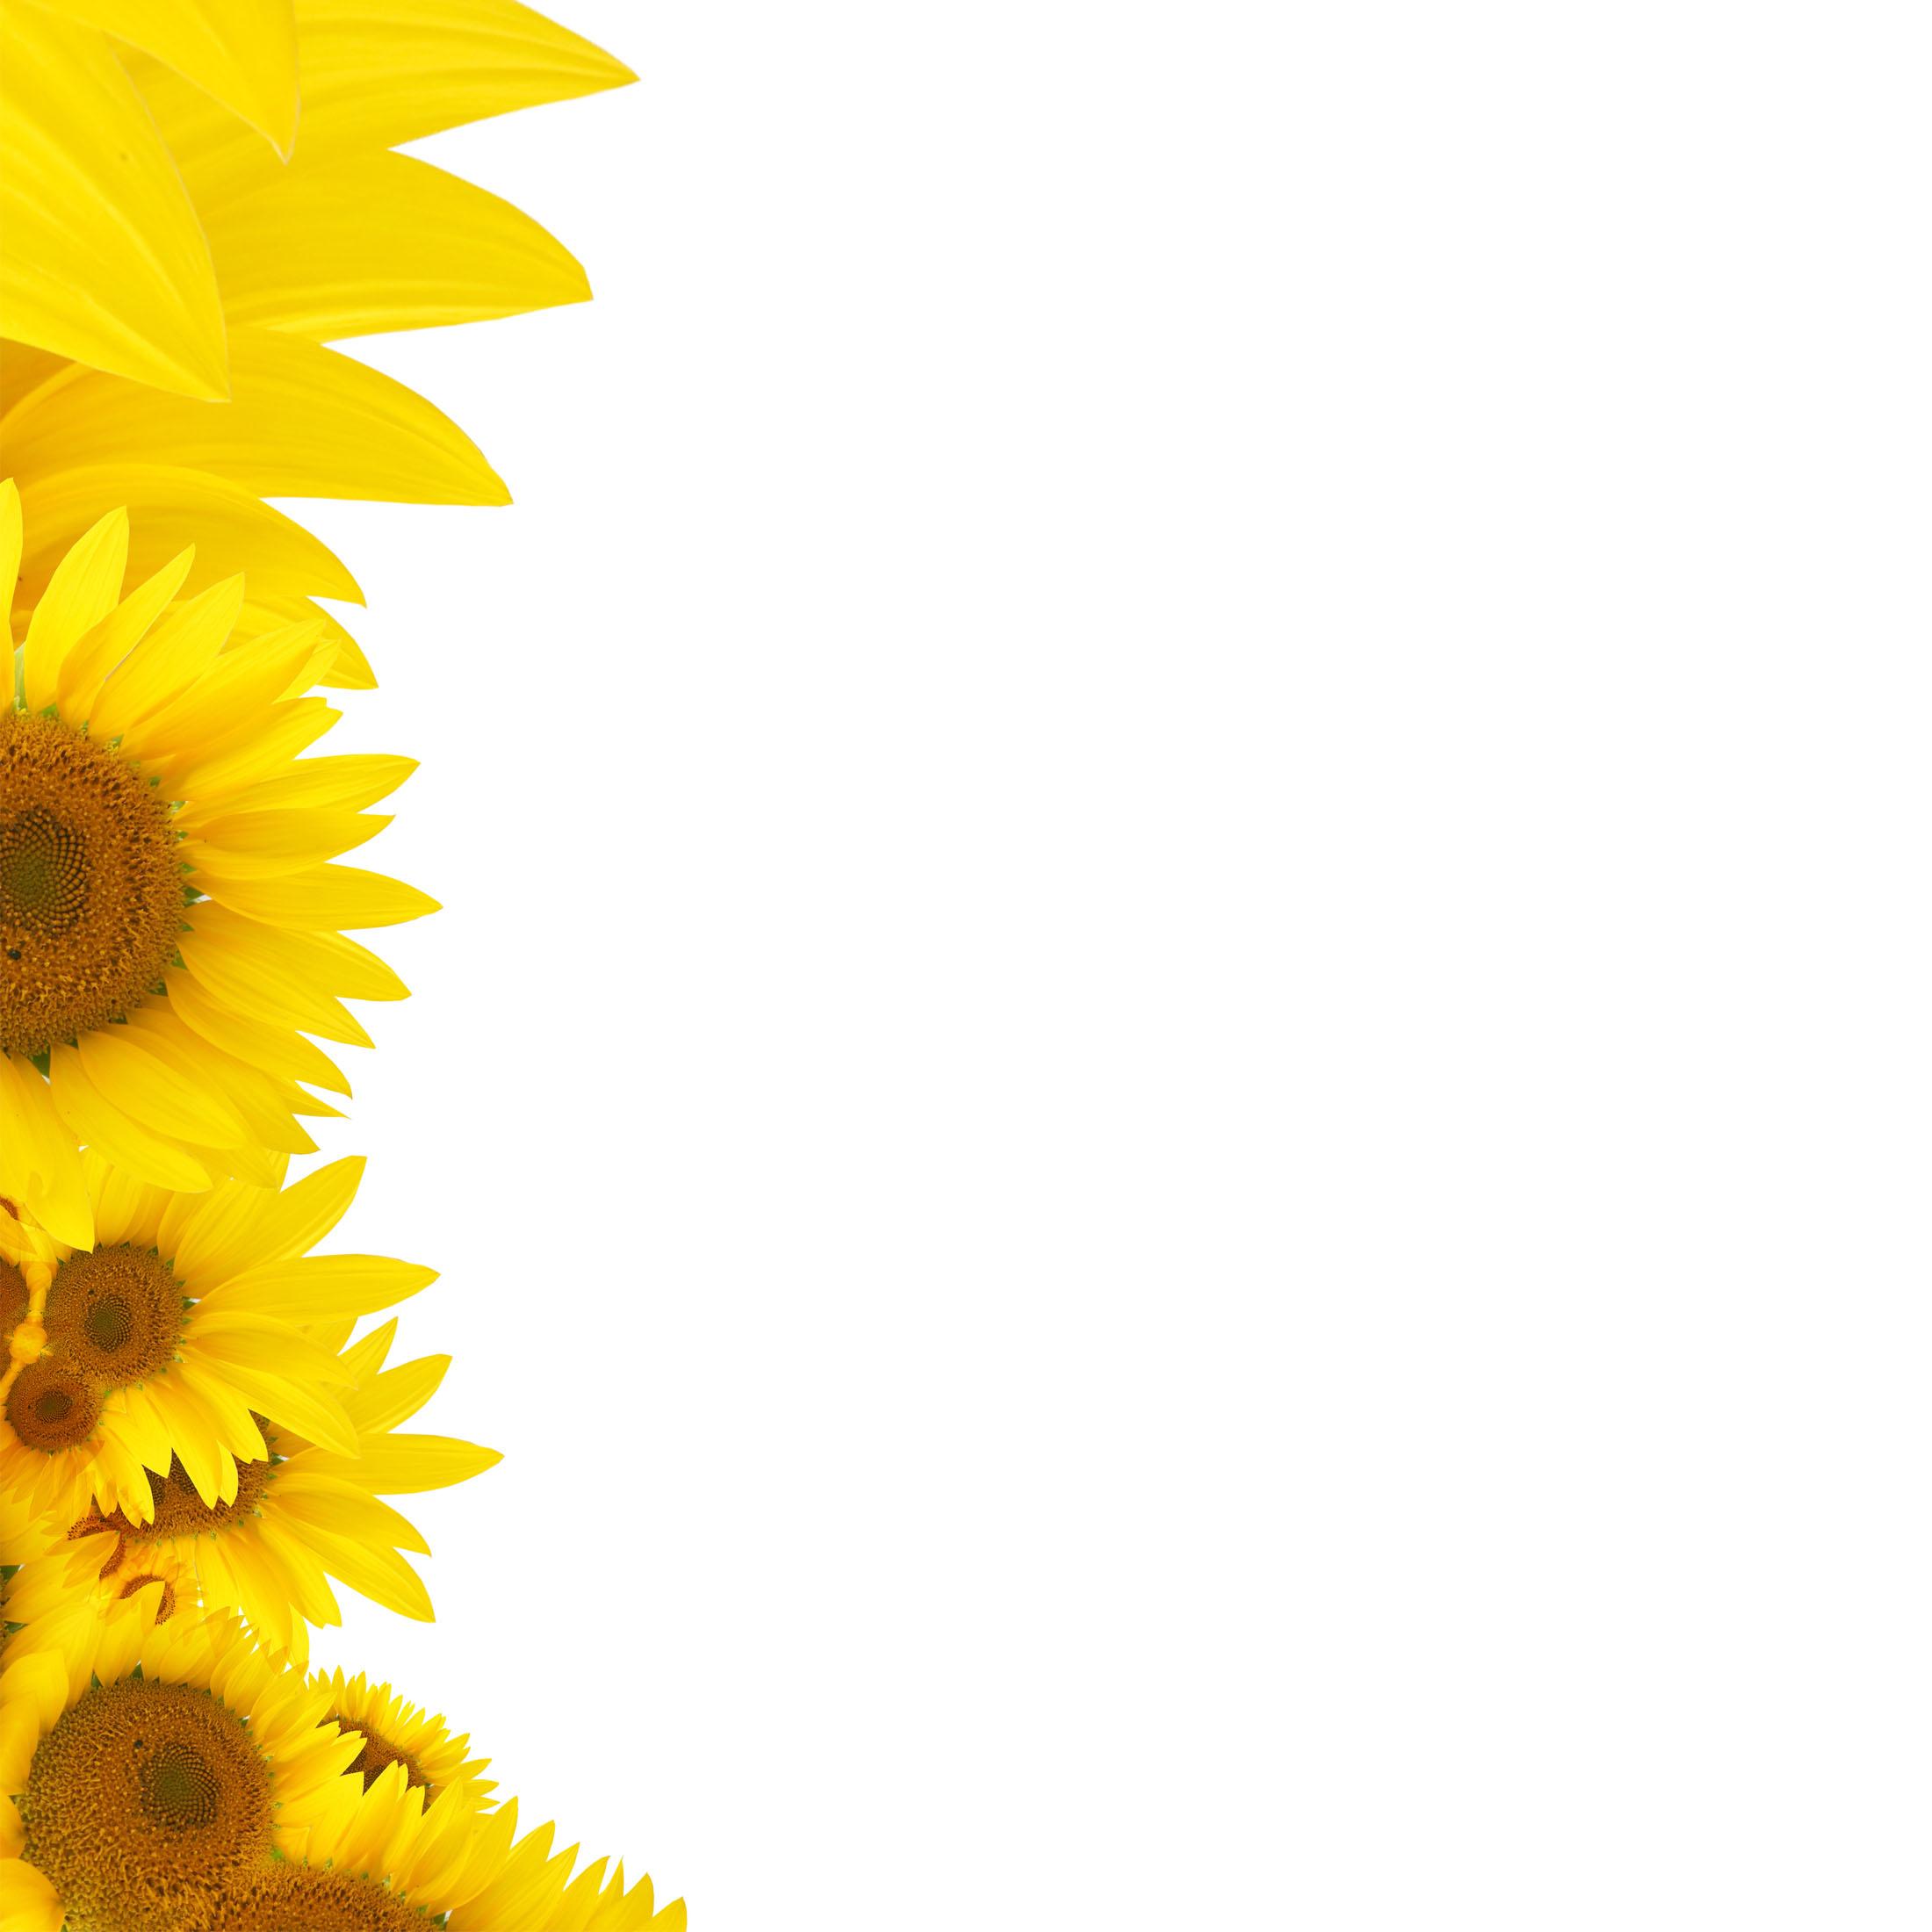 le tournesol fleur le jaune plante contexte  blossom